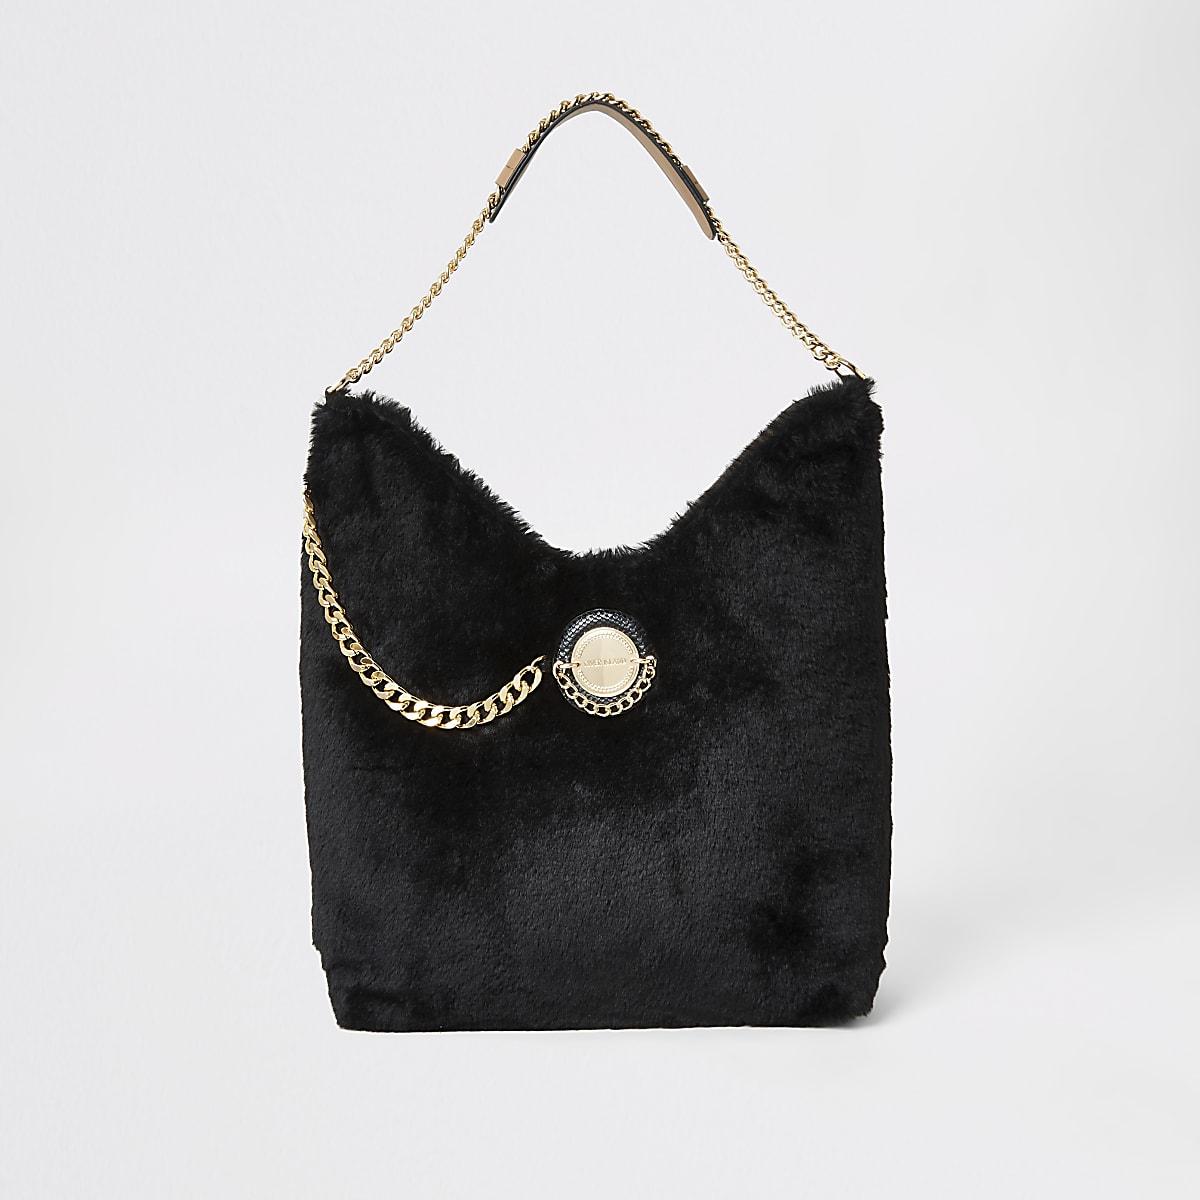 Zwarte handtas van imitatiebont met munt voor